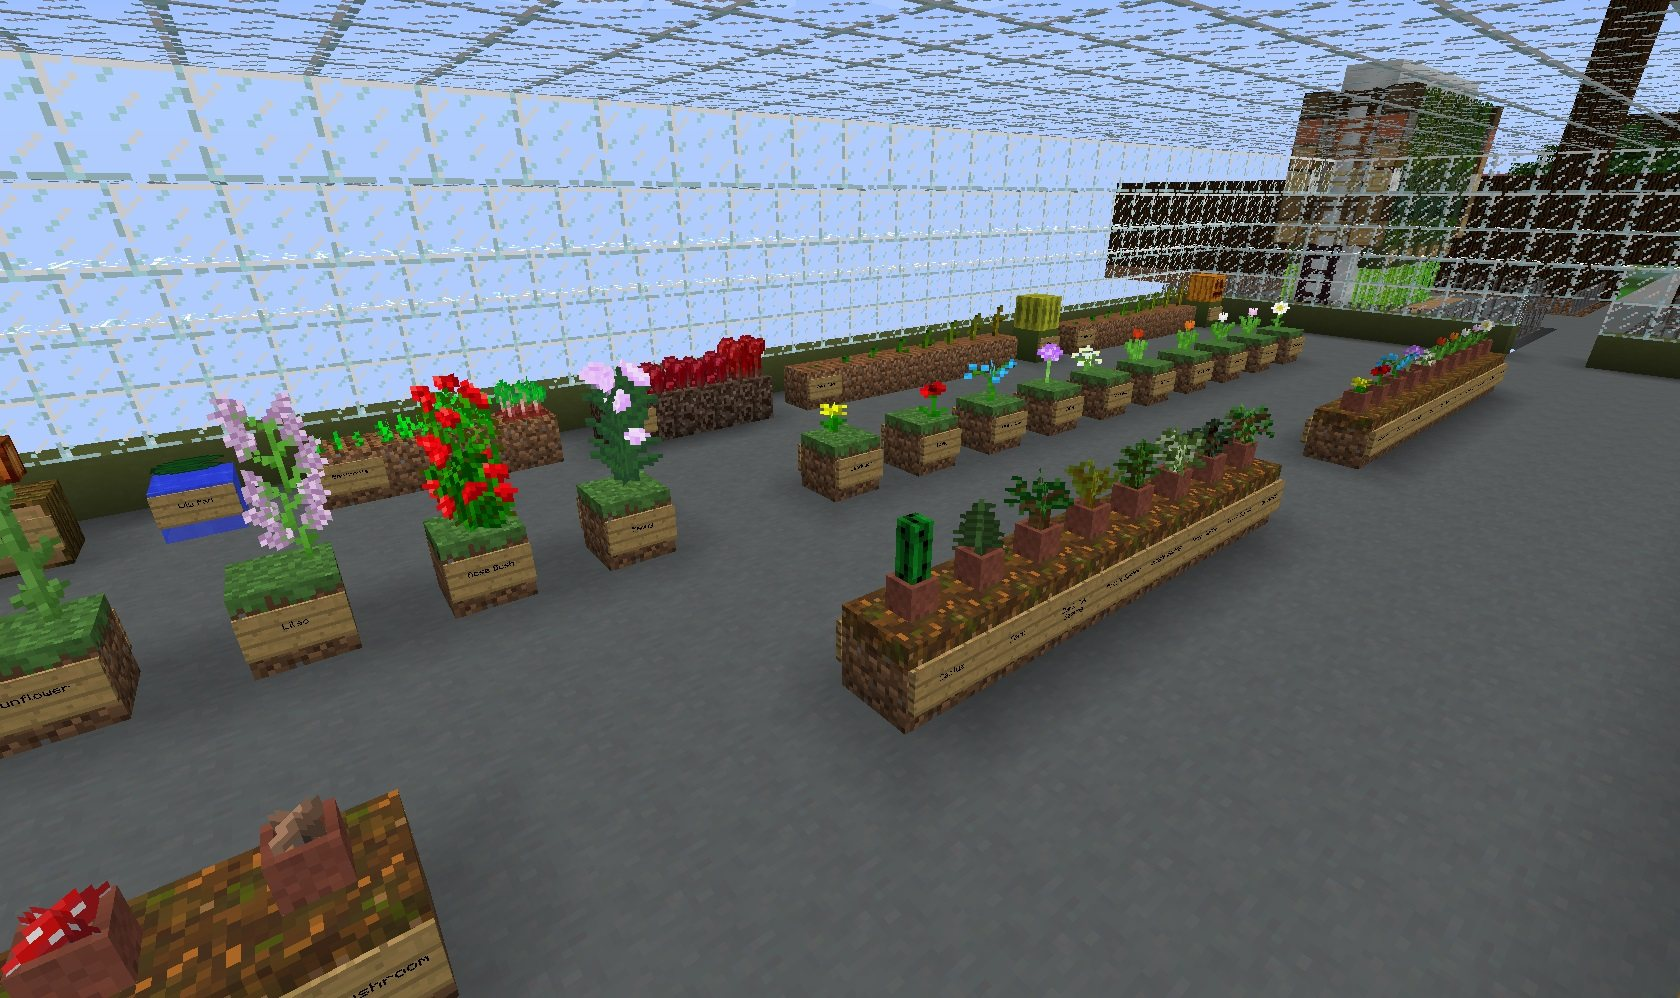 prezentacja biomow minecraft mapa testowa